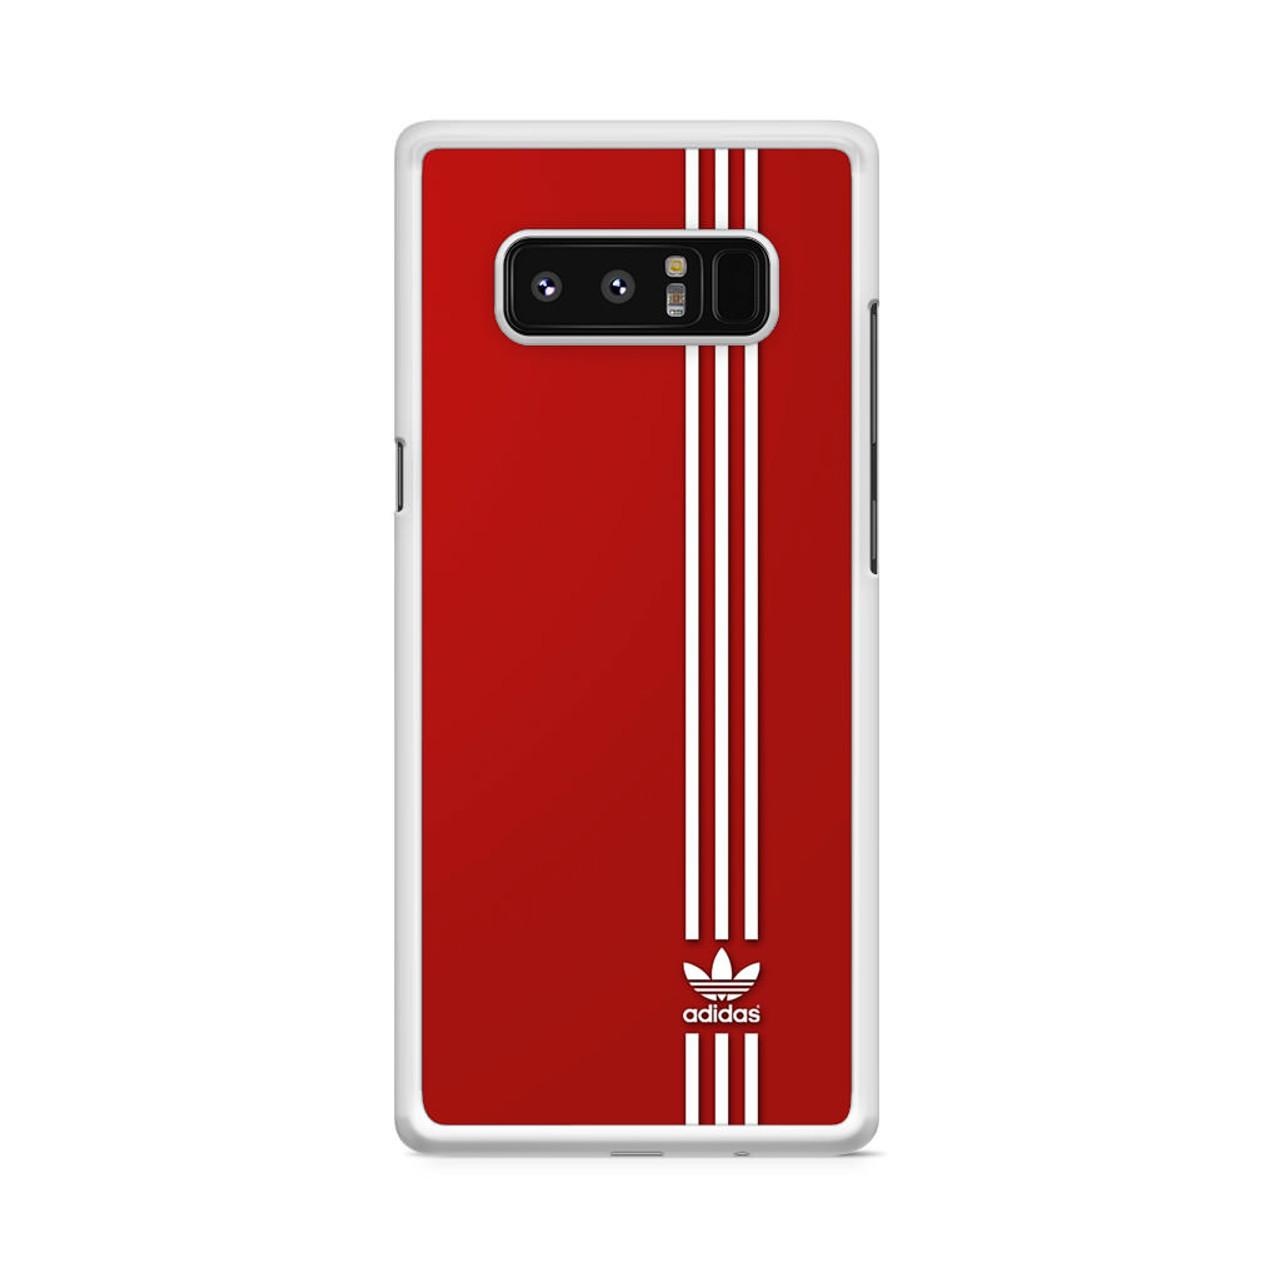 Brand Adidas Red White Sport Samsung Galaxy Note 8 Case